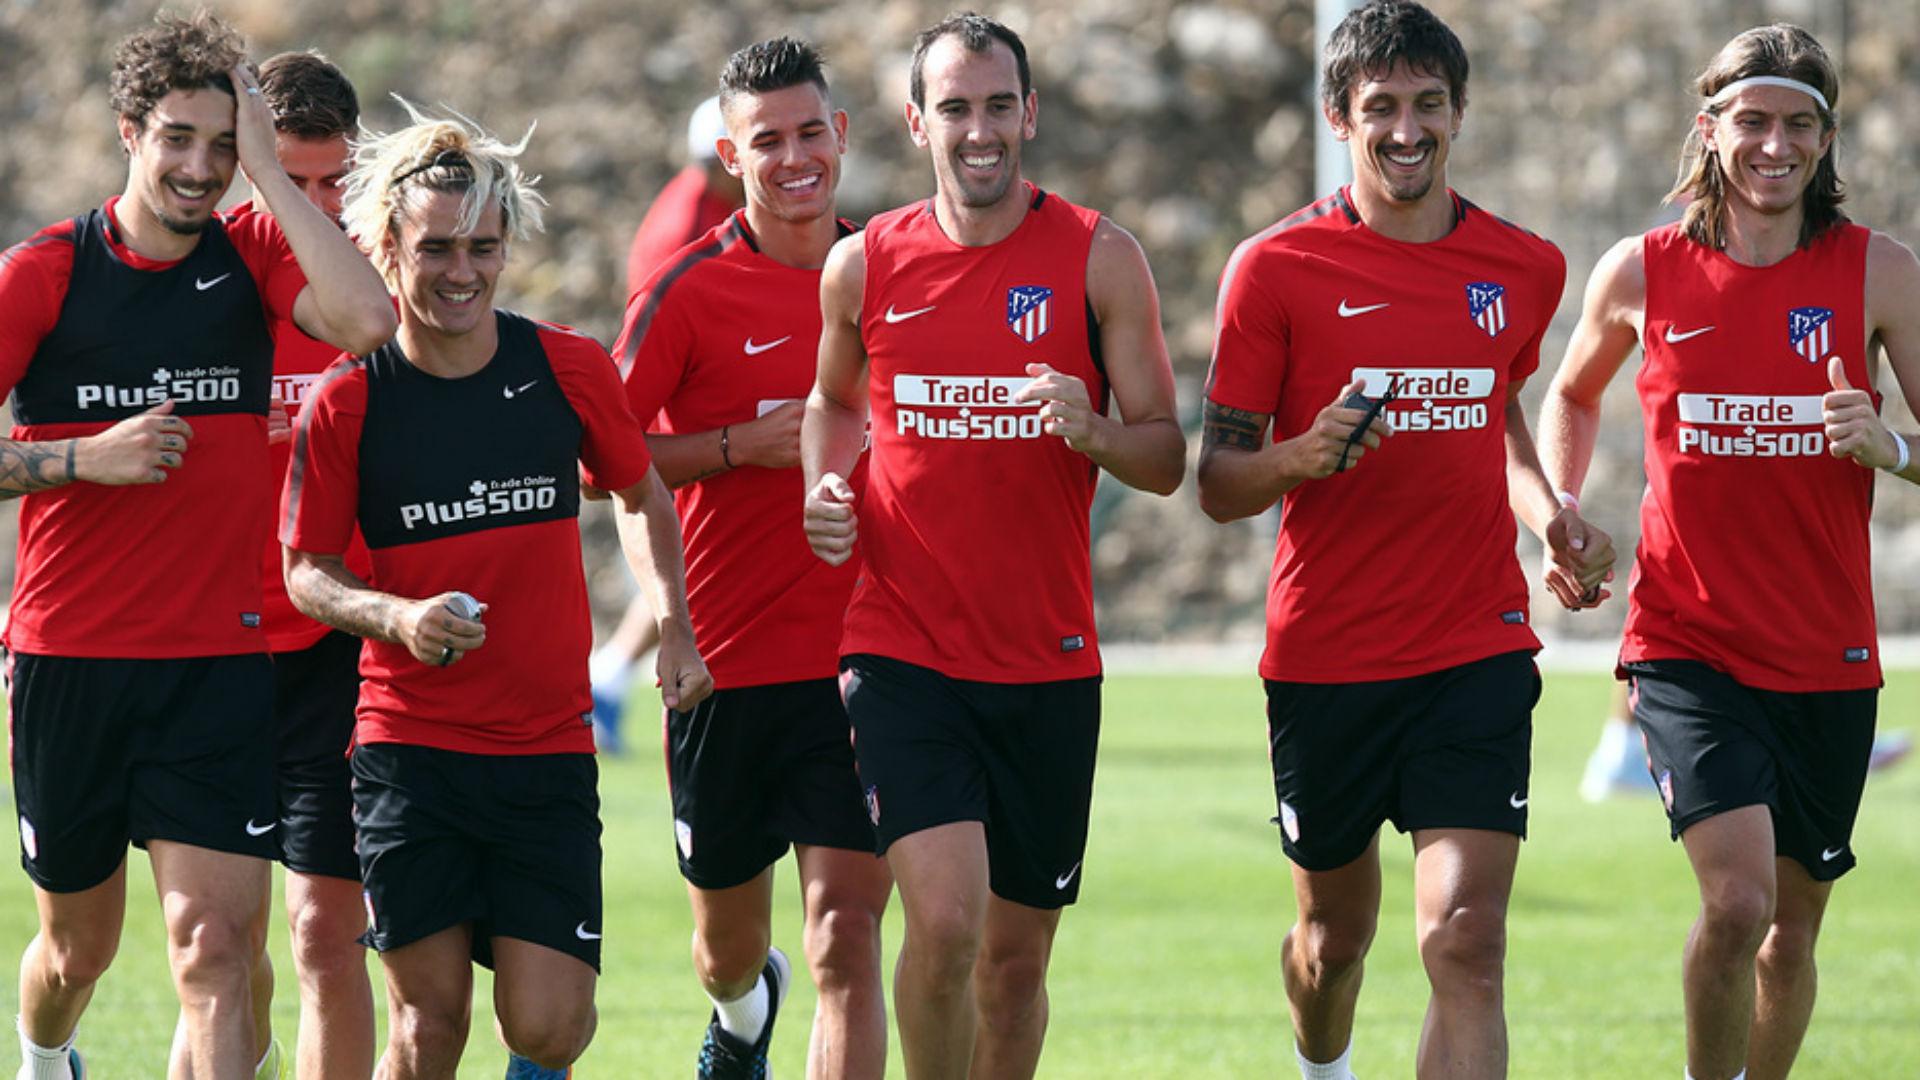 Vrsaljko Atletico Madrid